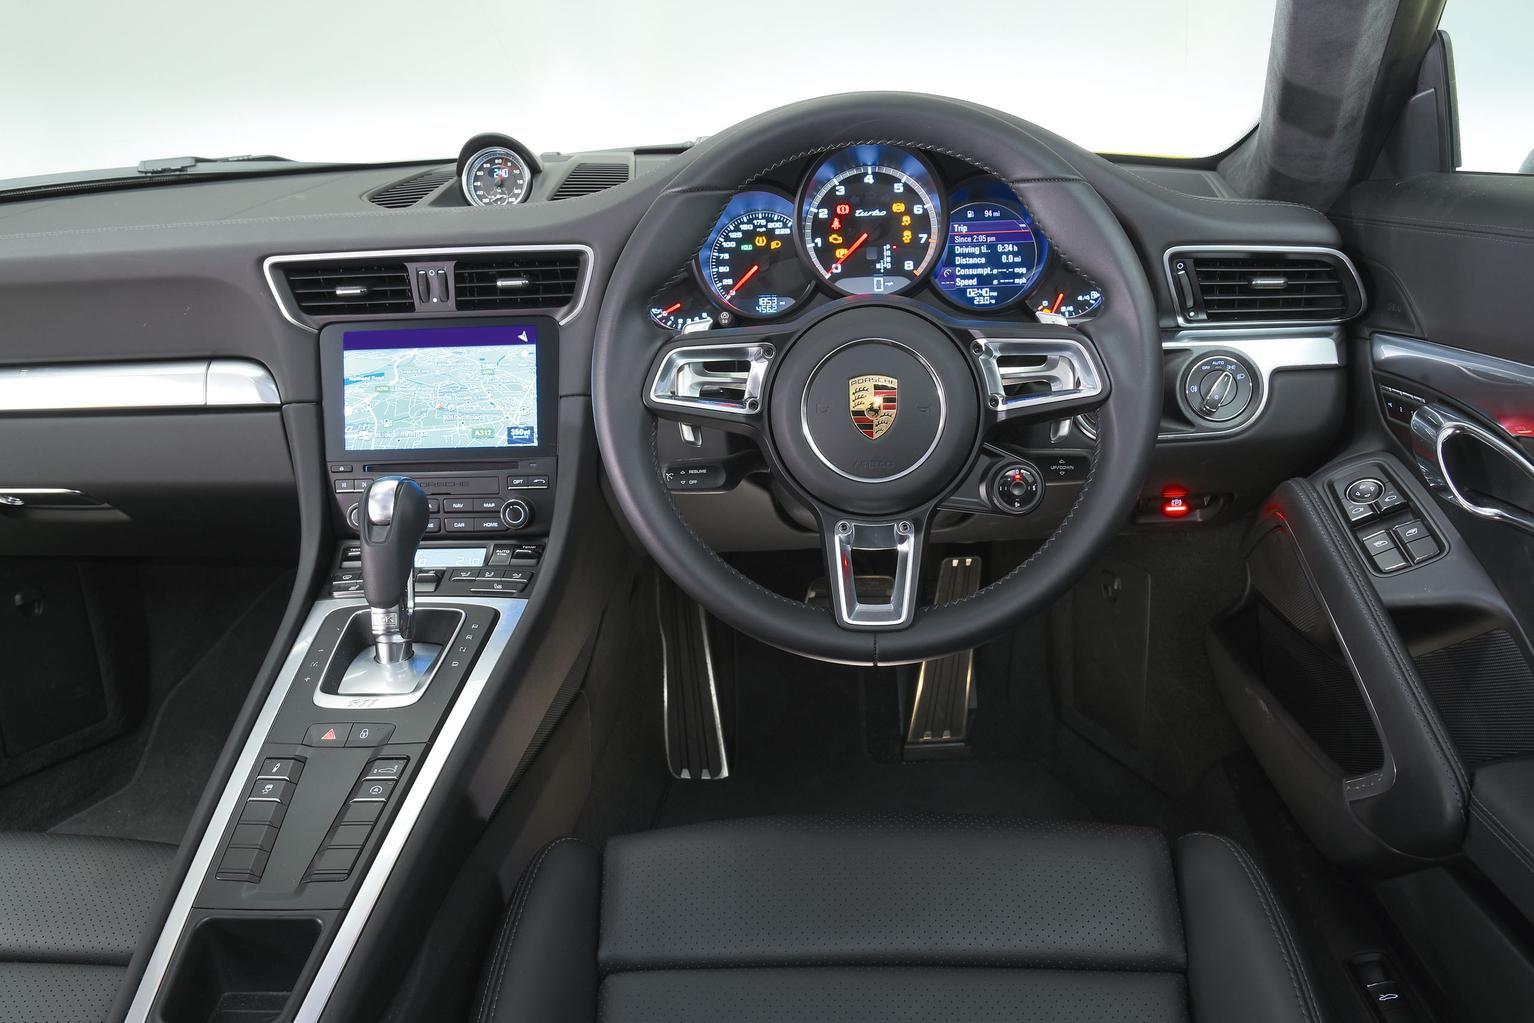 Audi R8 vs Porsche 911 Turbo